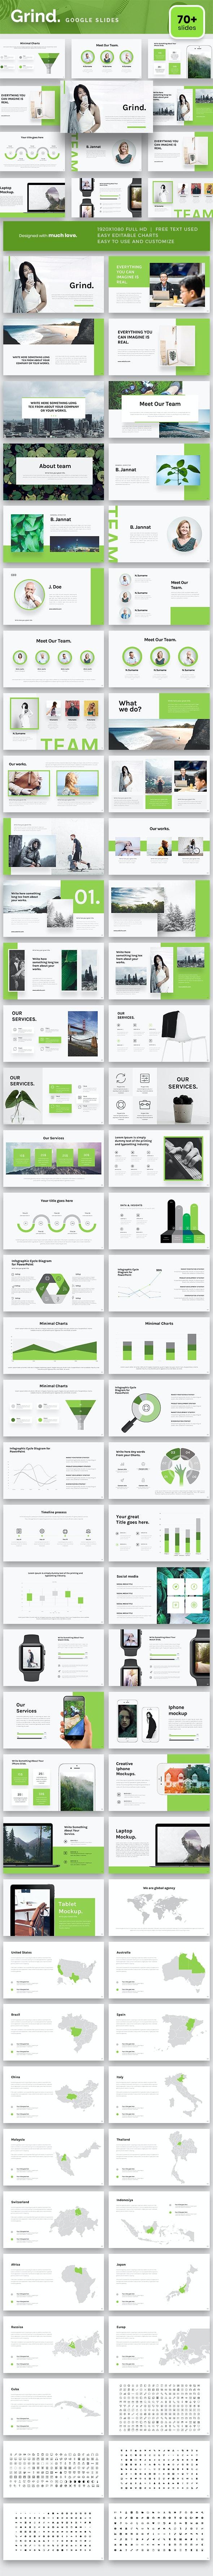 Grind Google Slide Template - Google Slides Presentation Templates